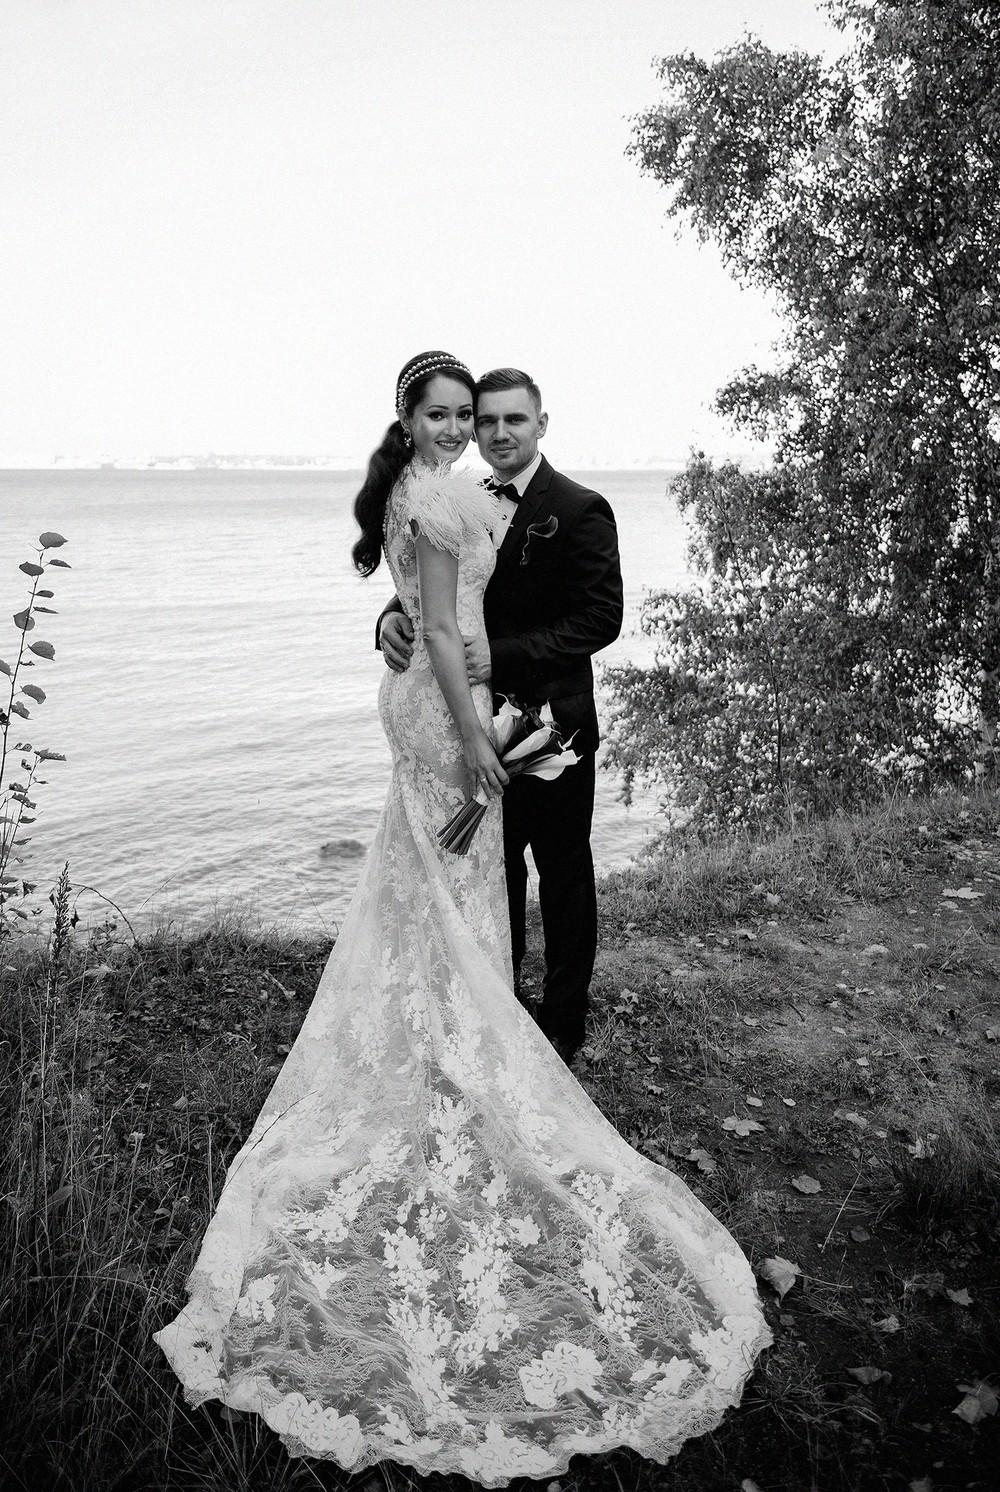 Igor & Anya